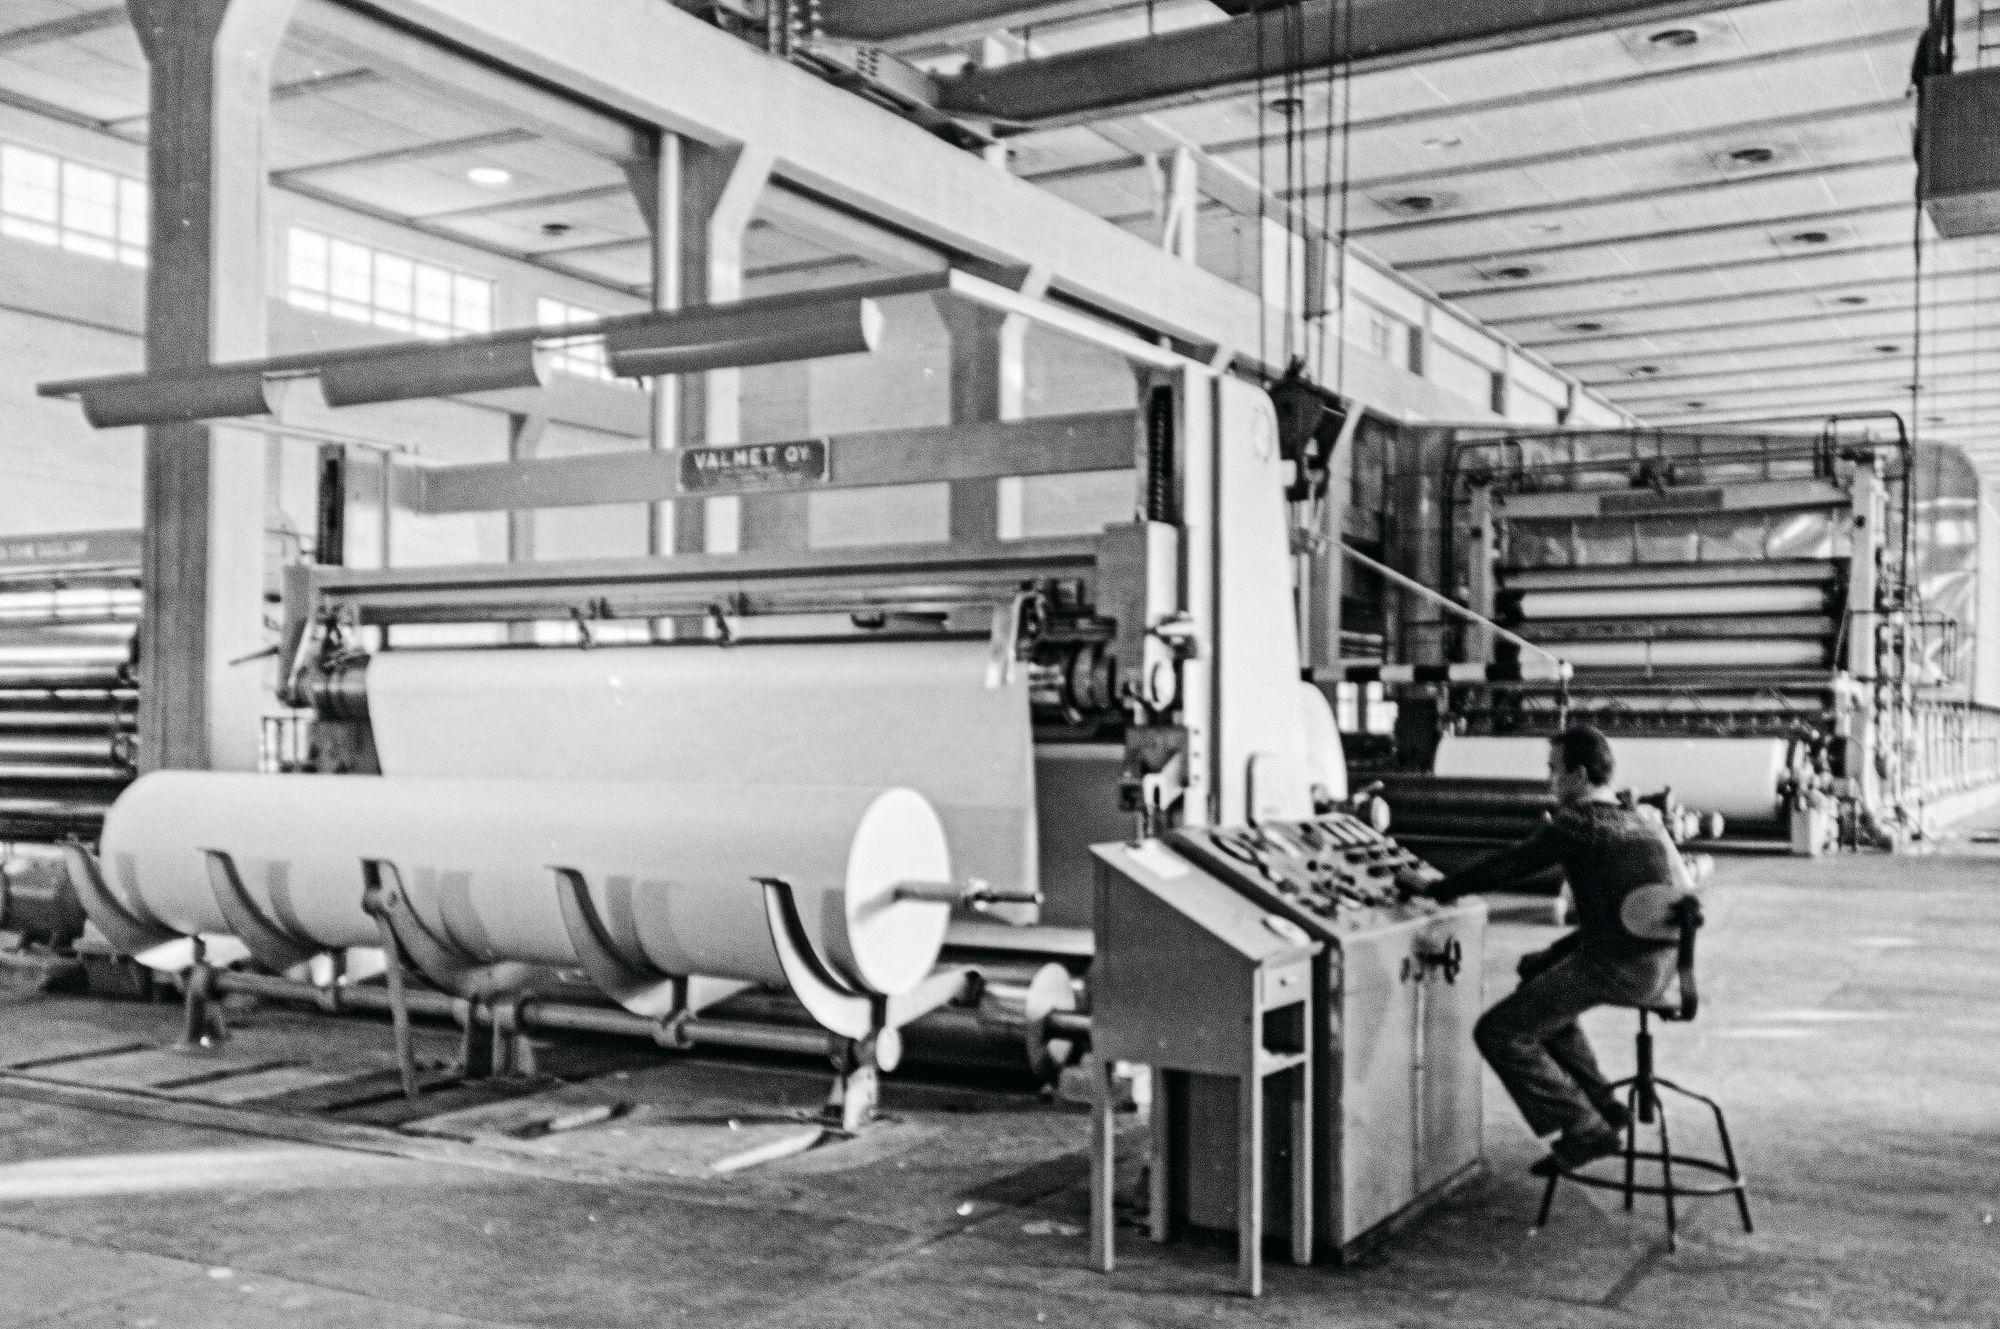 PK1 oli 50-luvulla Euroopan suurin paperikone 30000 tonnin vuosituotantokapasiteetillaan. Kun kone suljettiin vuonna 2014, sen kapasiteetti oli kasvanut 180000 tonniin vuodessa. © Stora Enson arkisto